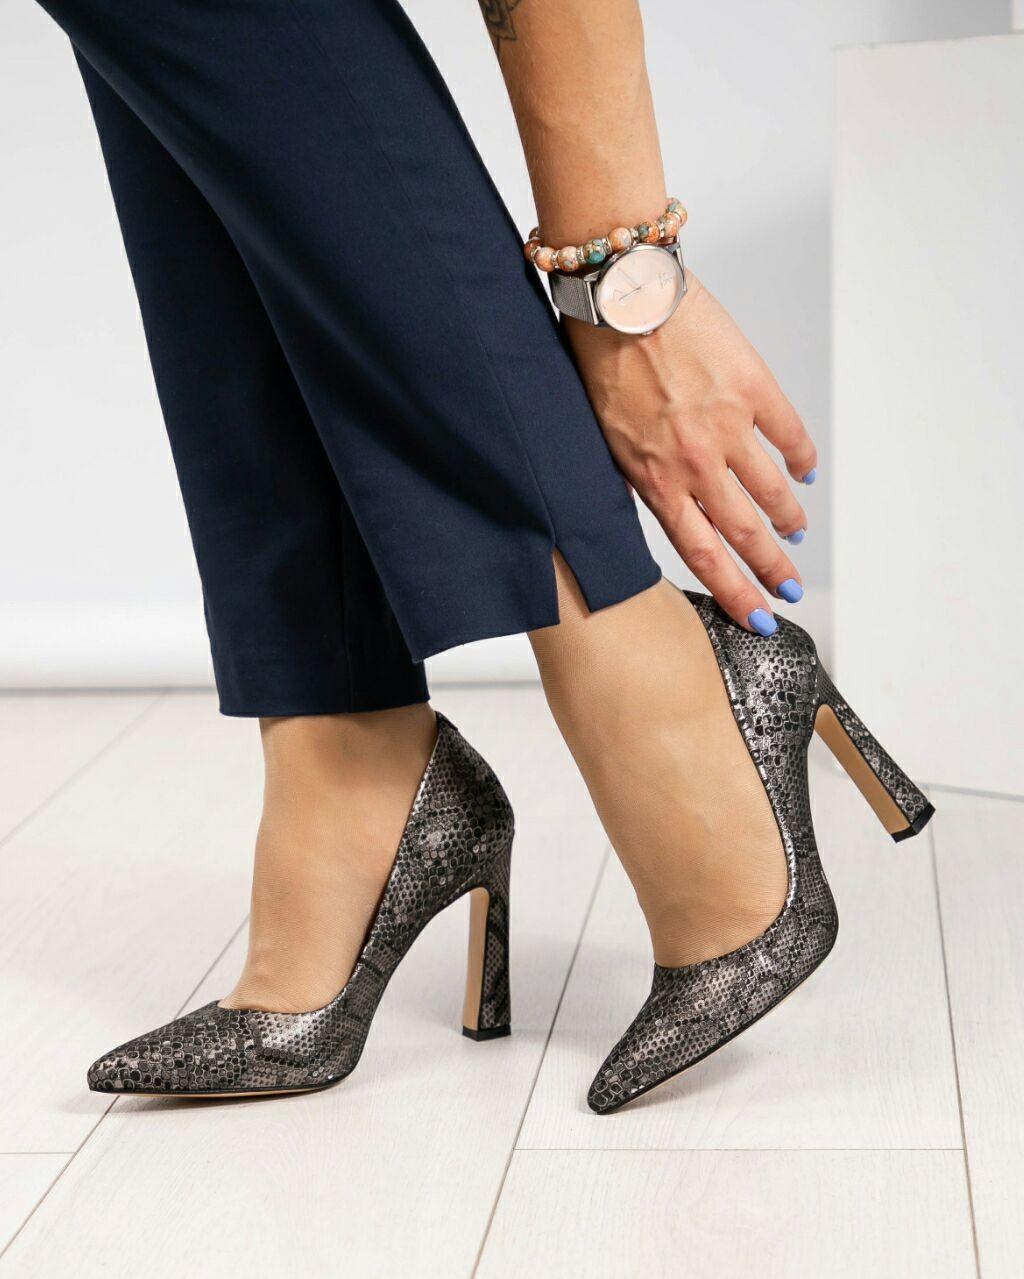 Туфли лодочки на высоком каблуке, Натуральная кожа. Размер 37 39